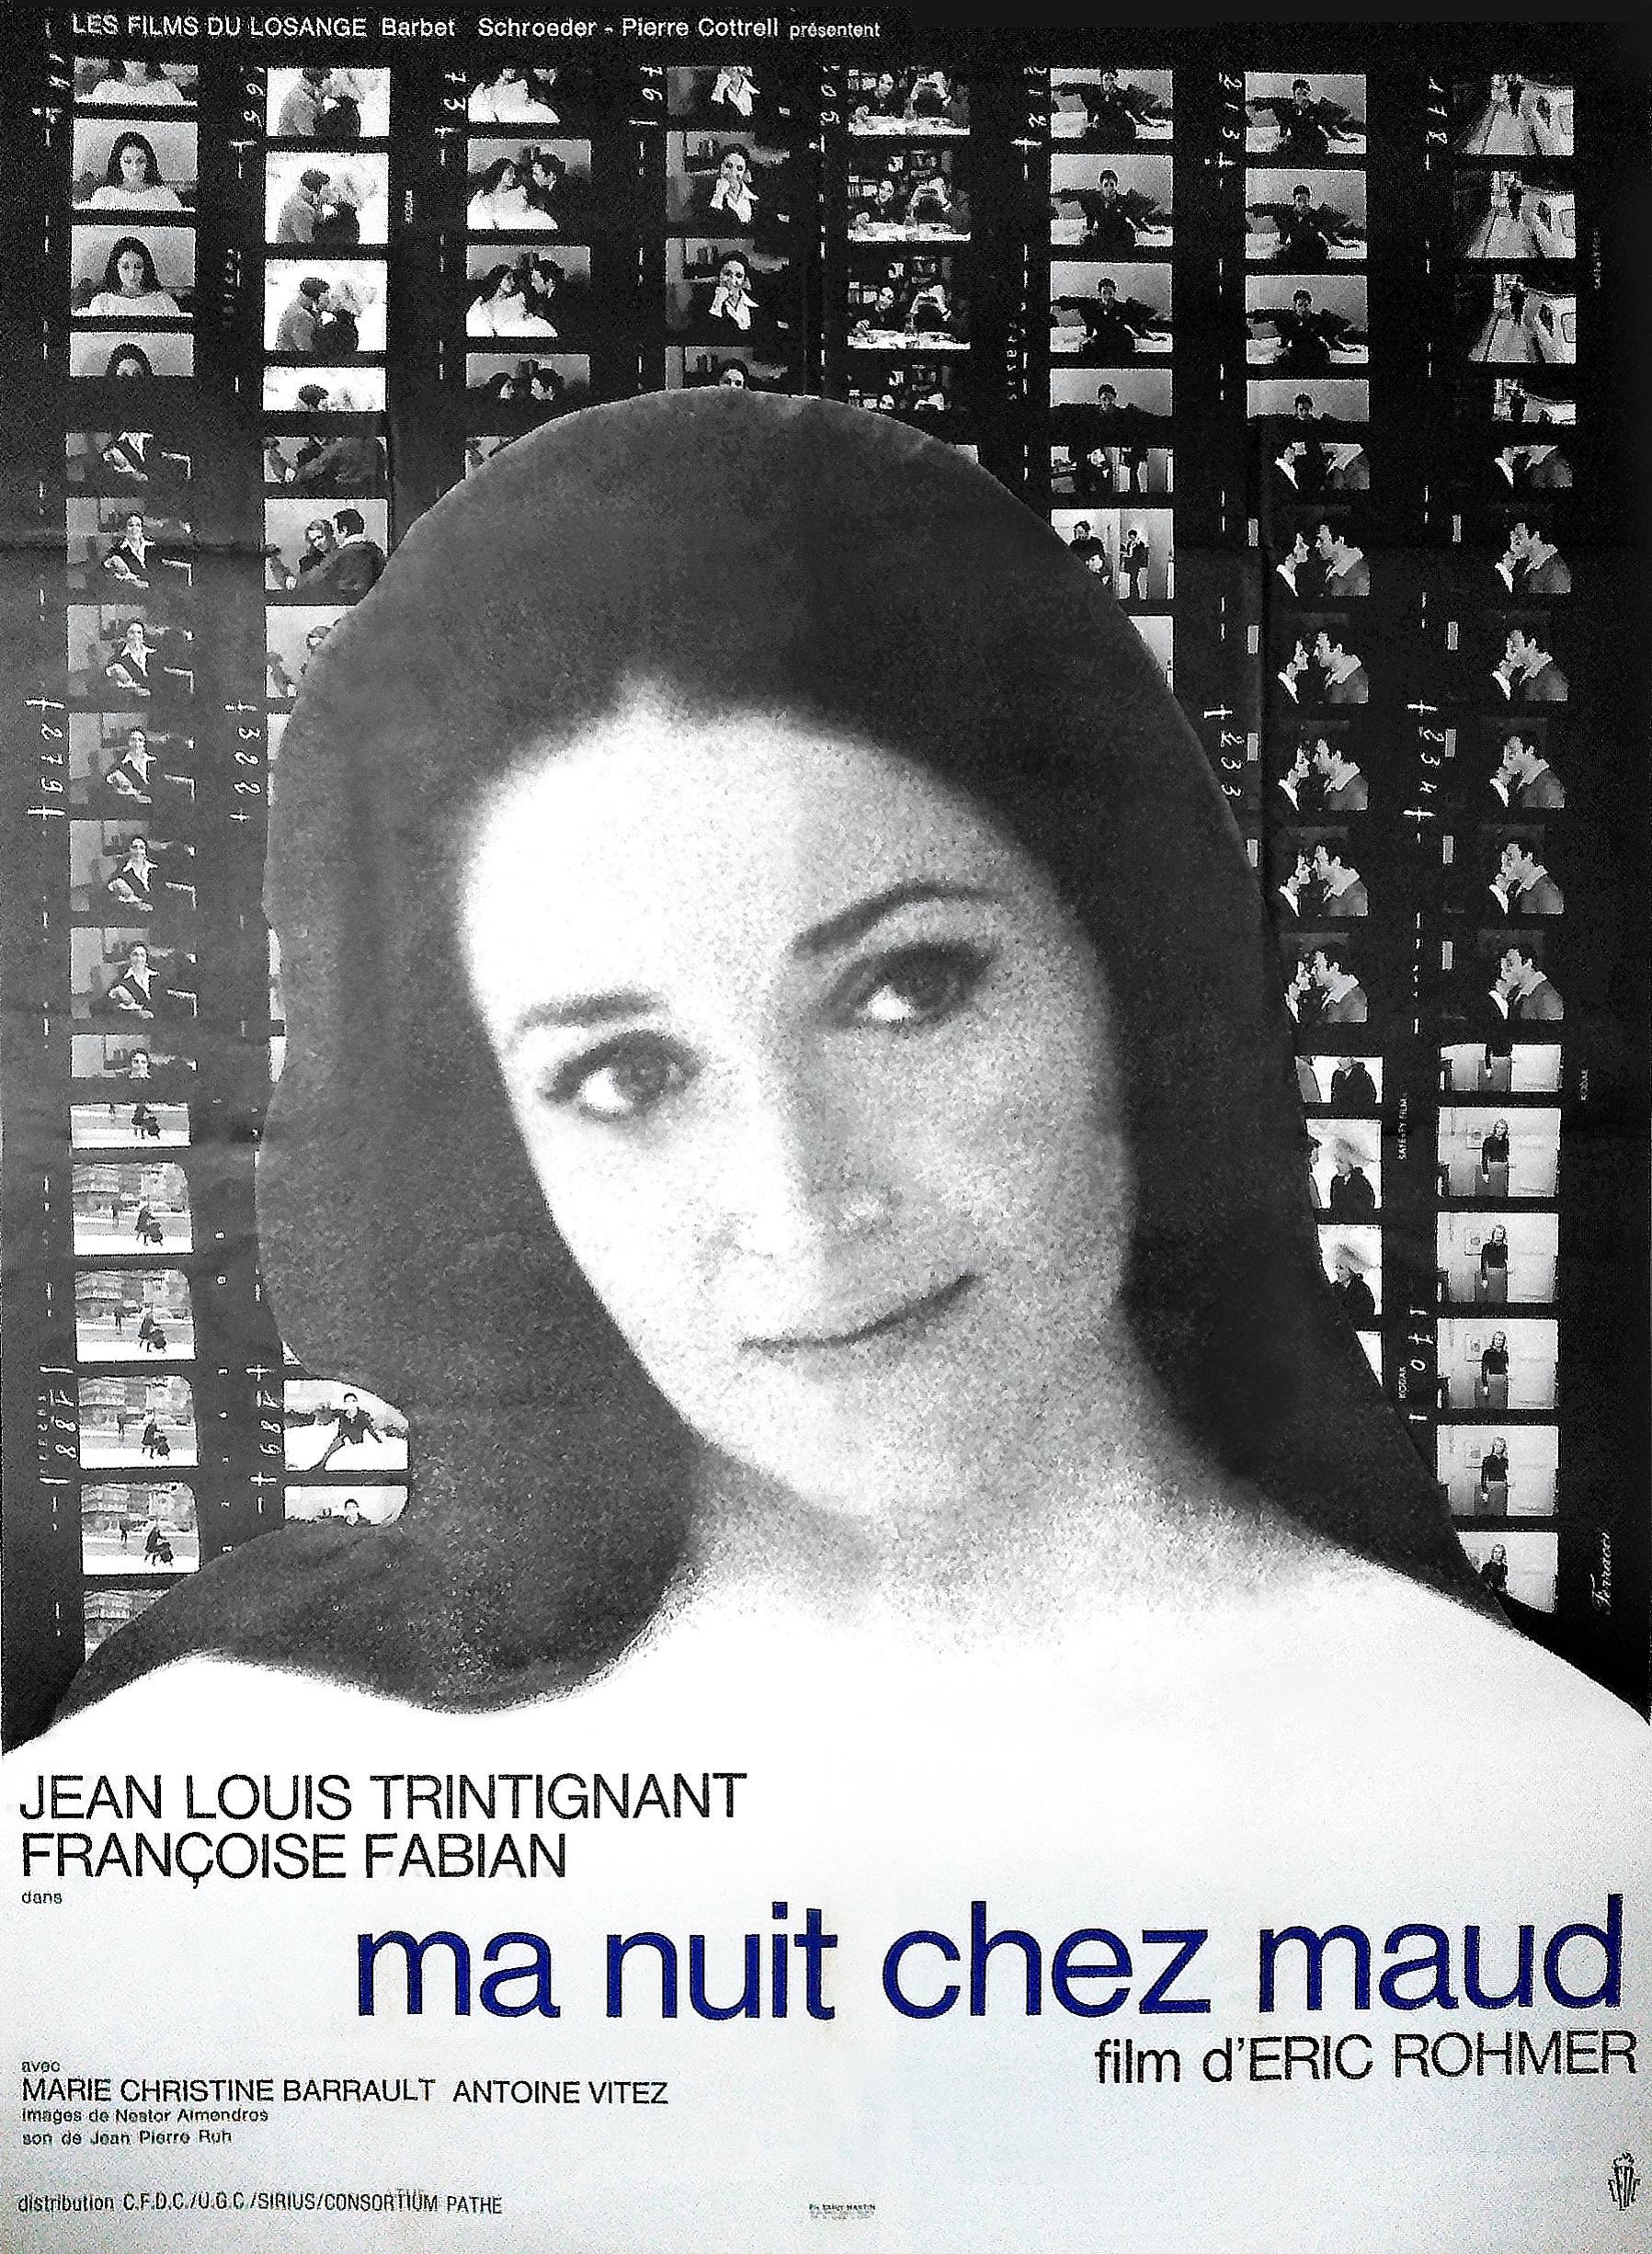 Séance organisée dans le cadre de Ciné-Fil, en partenariat avec la médiathèque d'Arles et l'association De film en aiguille